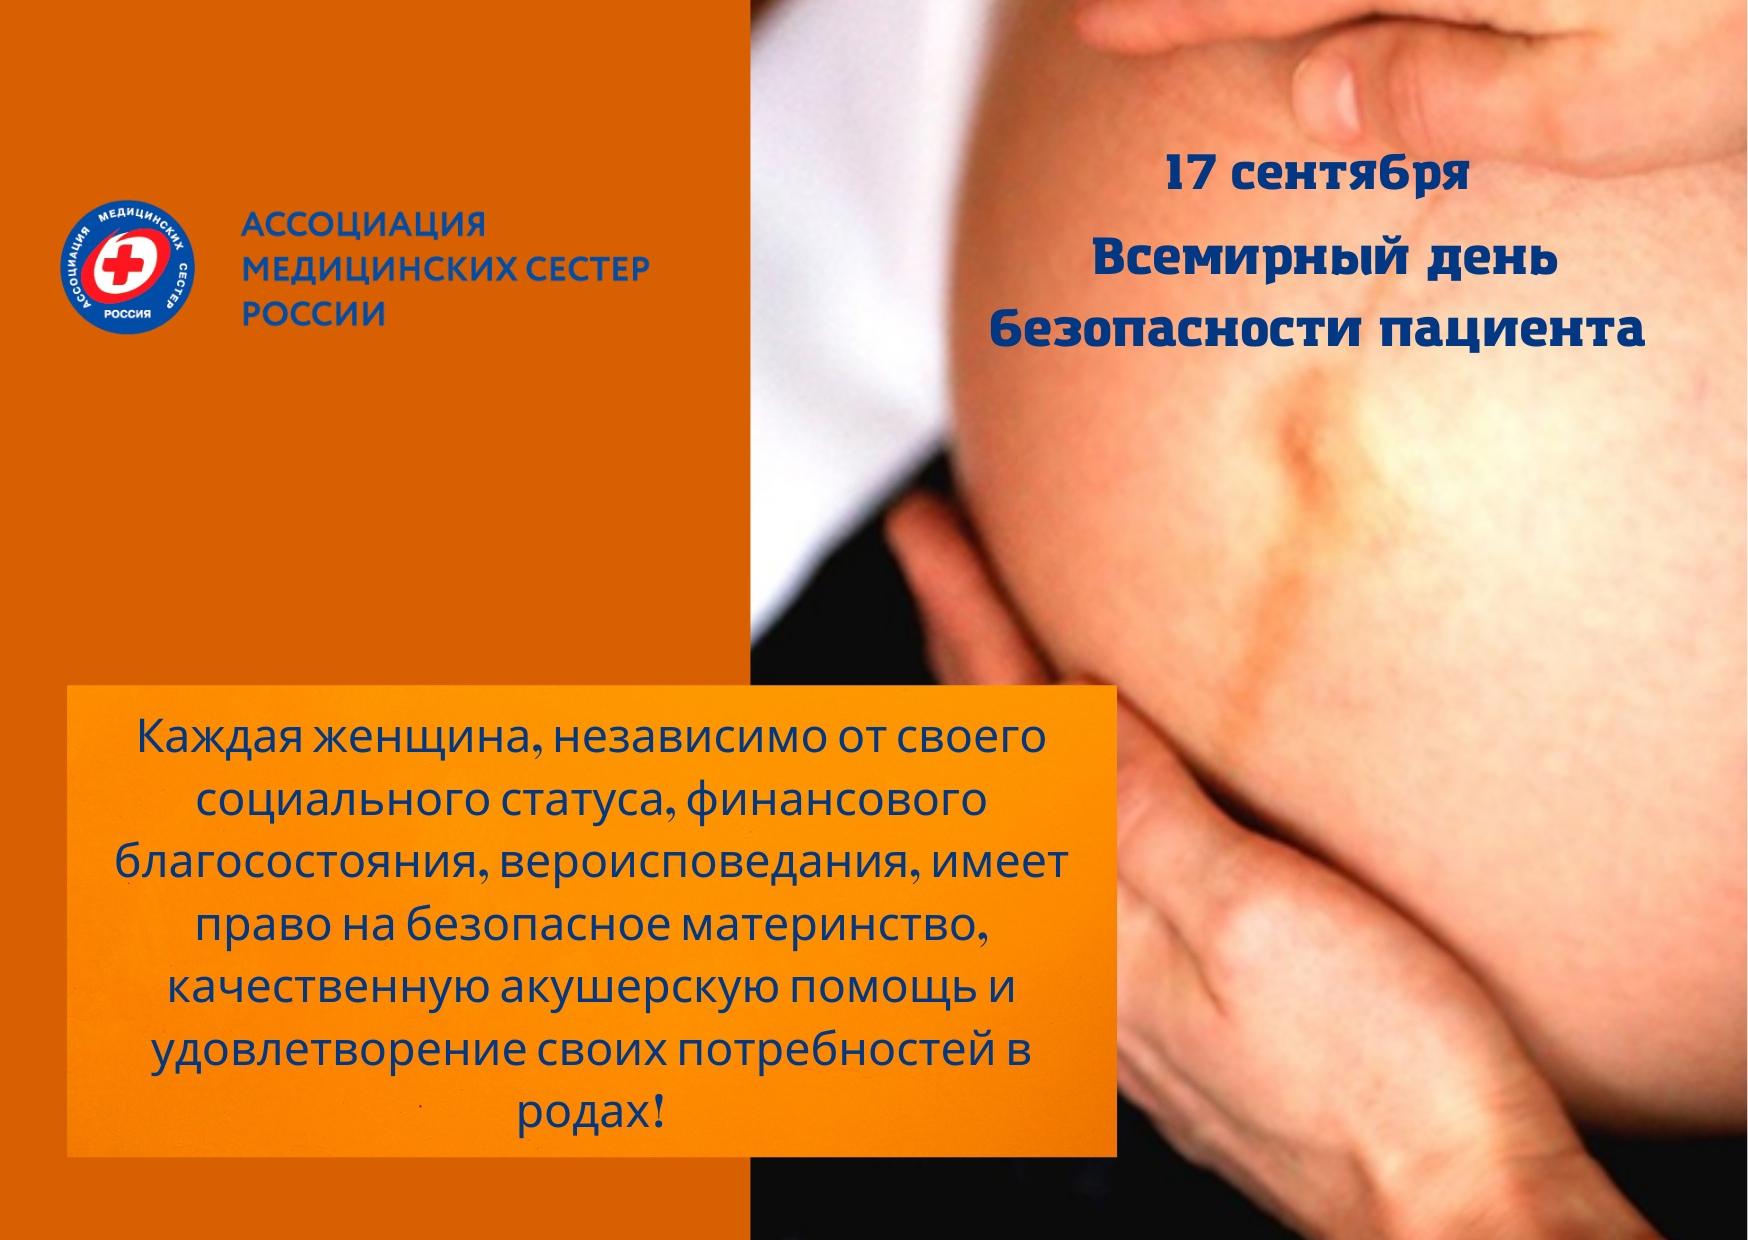 В преддверии Всемирного дня безопасности пациентов